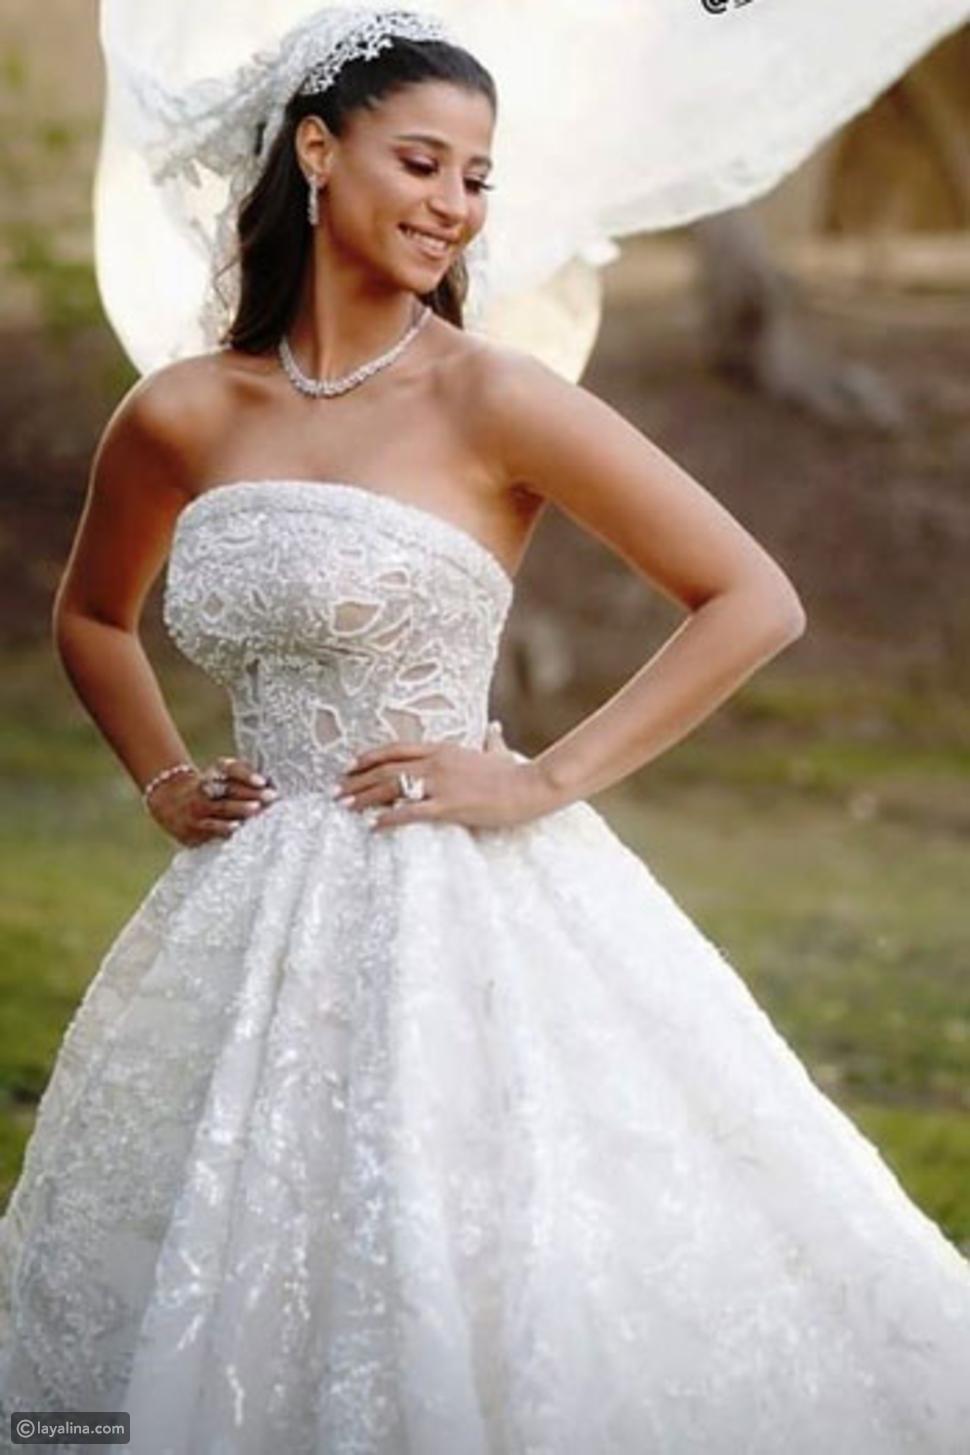 حفل زفاف دينا داش يخطف الأضواء والعروس تبهر المتابعين بعفويتها